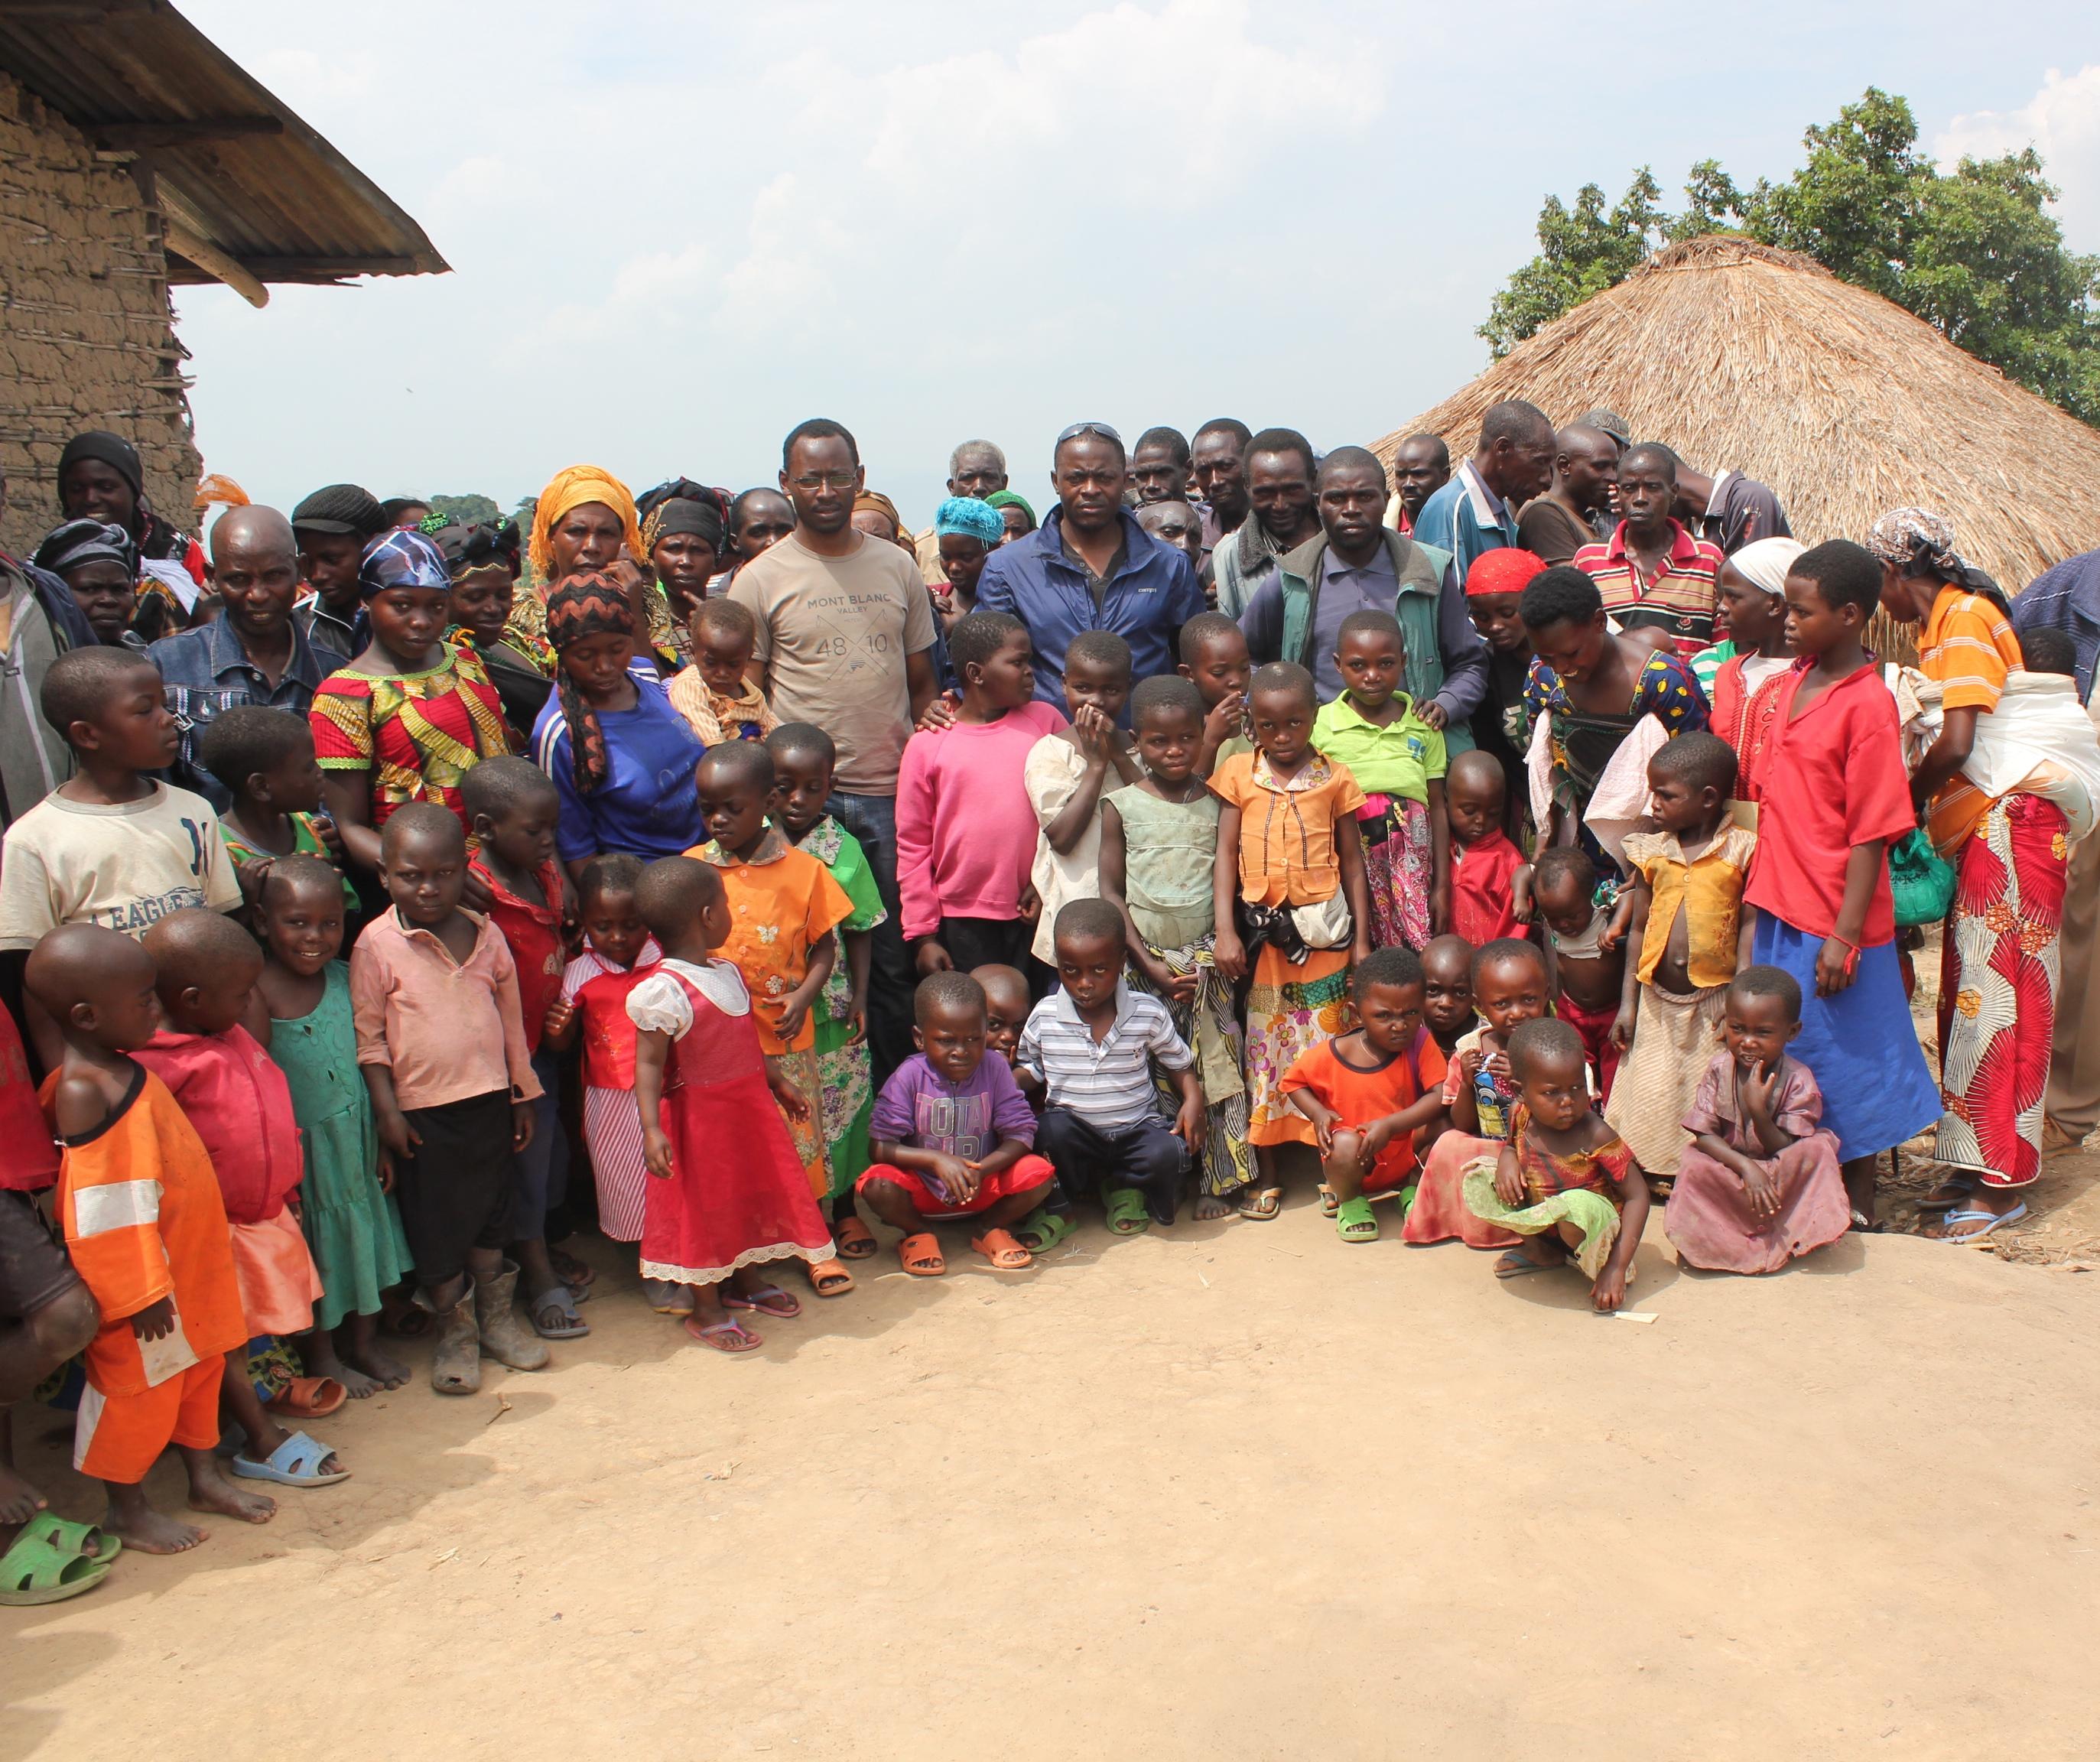 Des jeunes rwandais en appellent à la SADC  pour épargner la vie des réfugiés en RDC